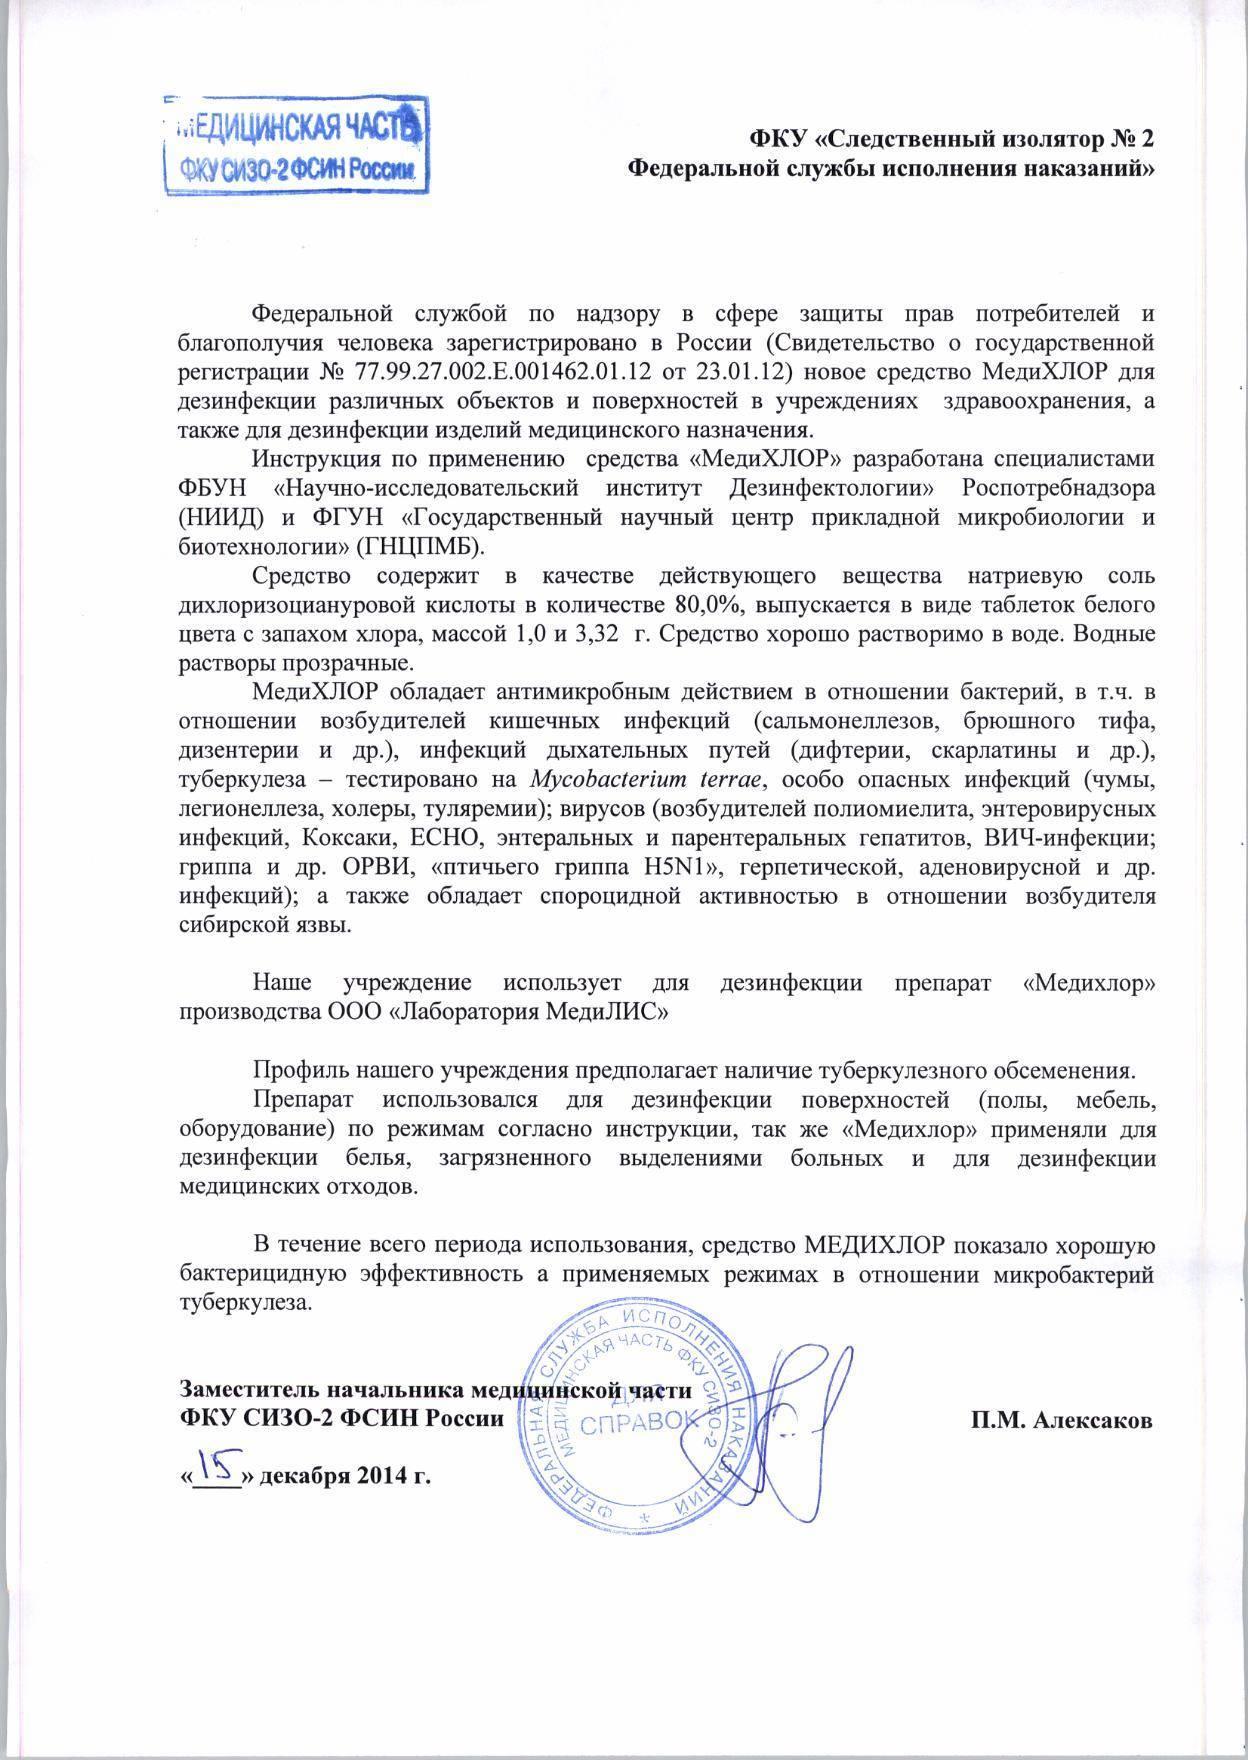 ФКУ ФСИН  отзыв медихлор.jpg (292 KB)